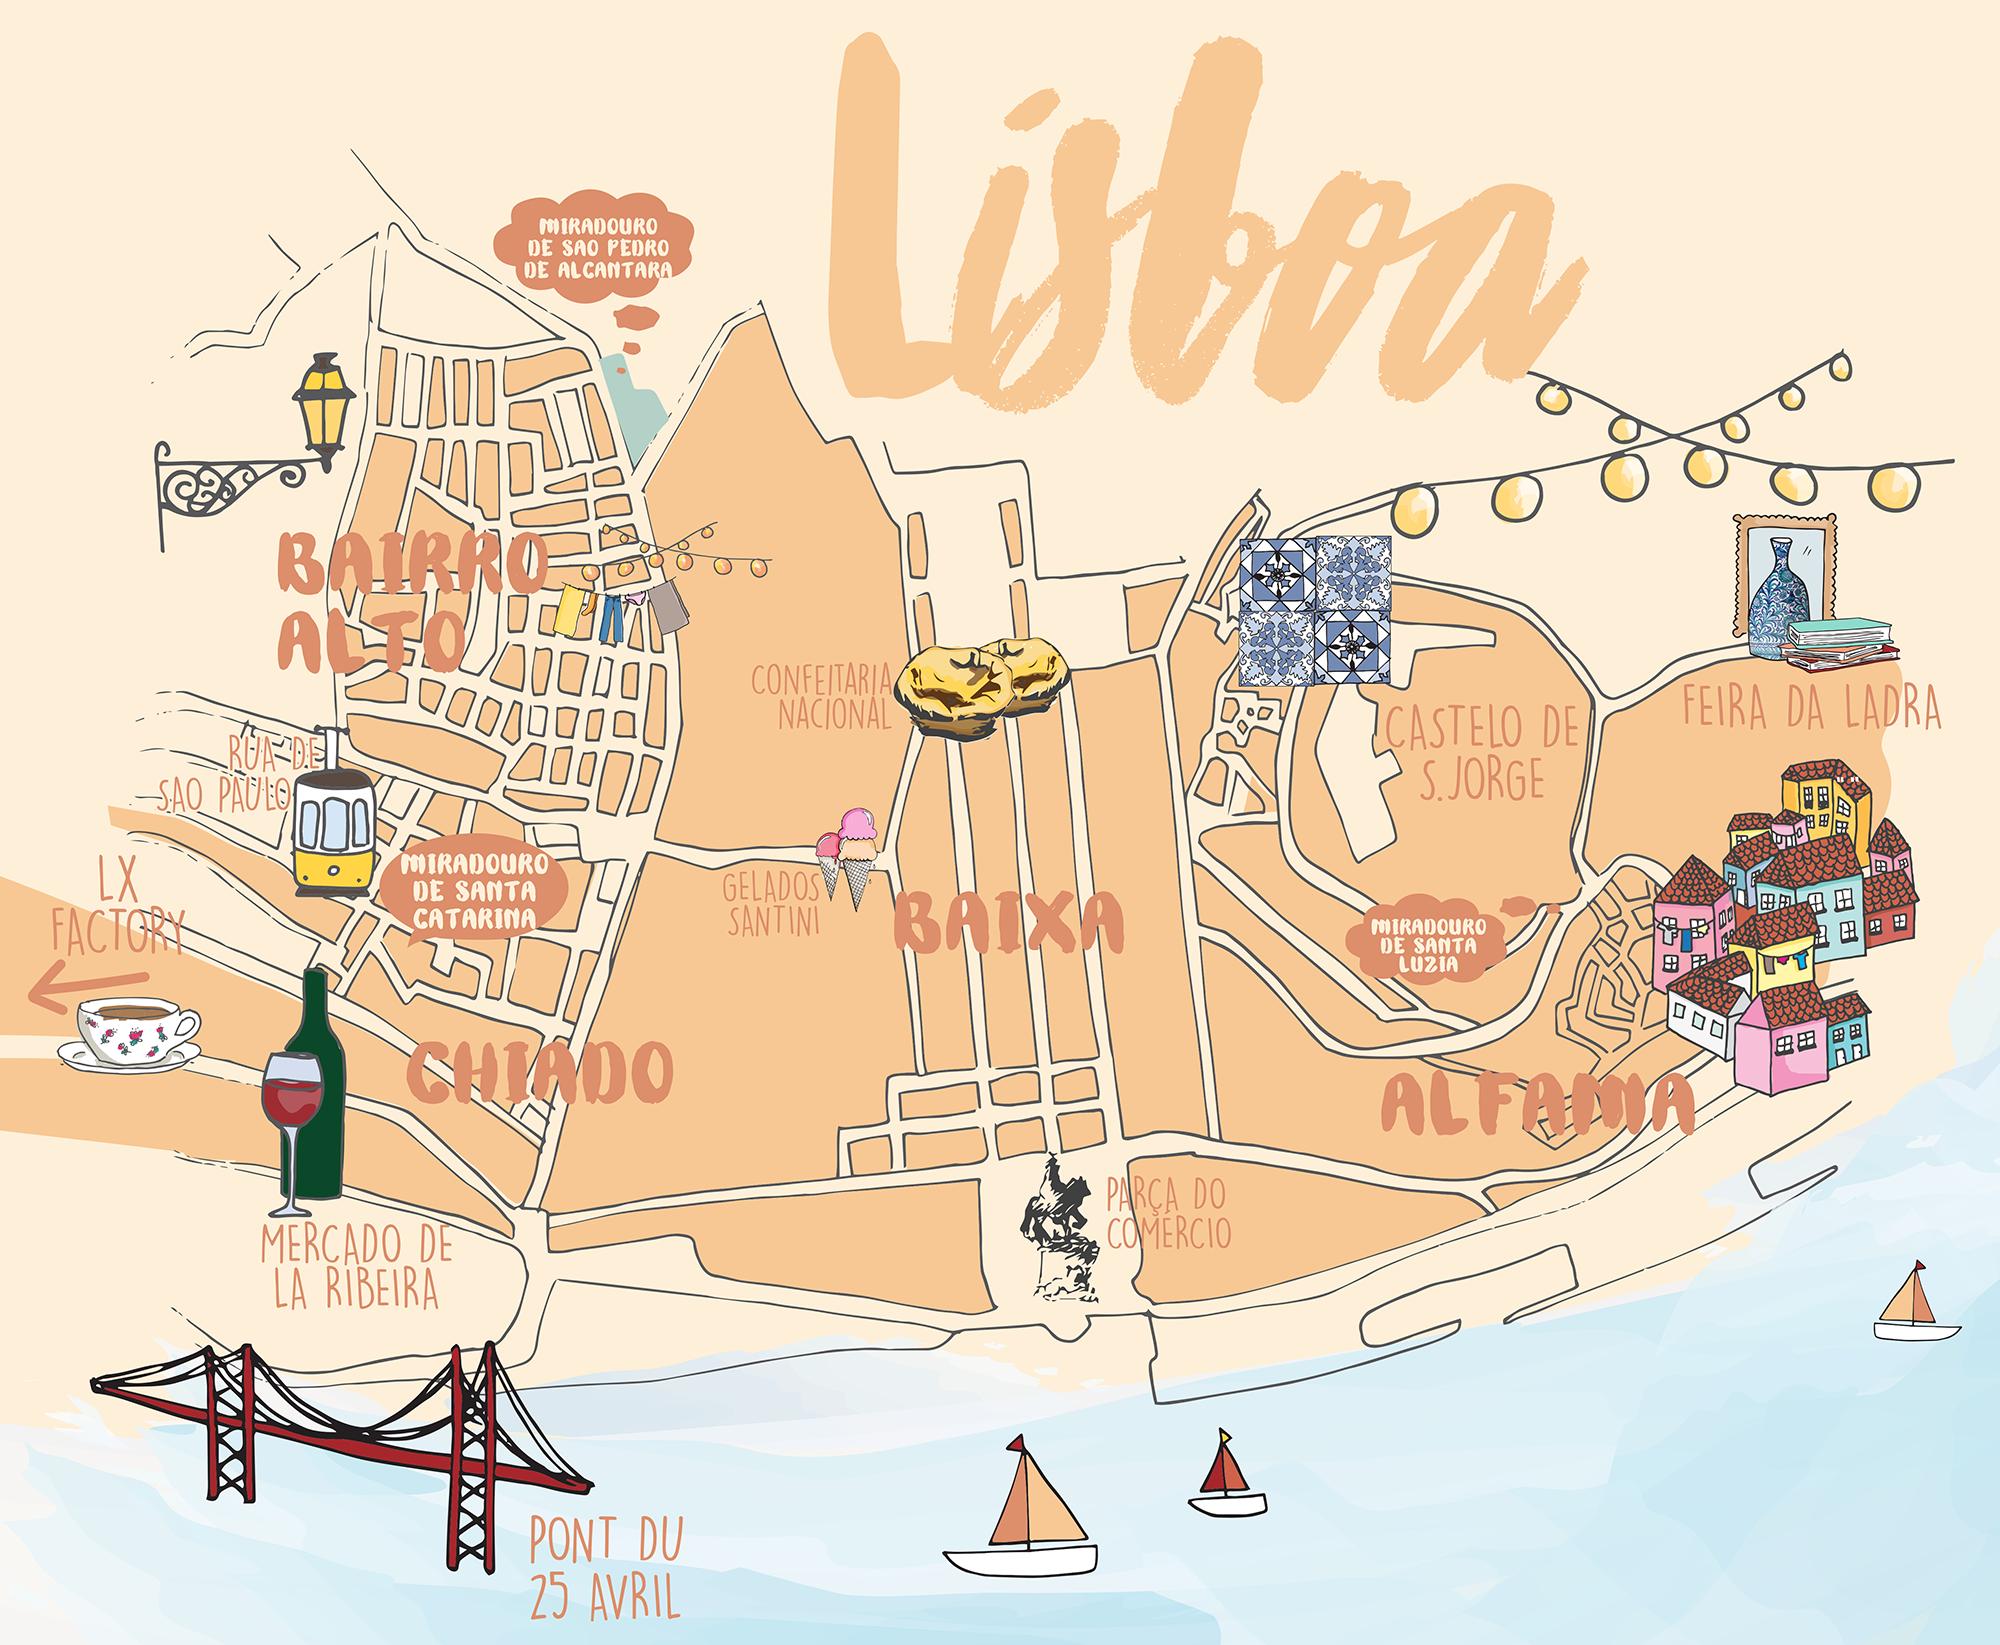 CARTE LISBONNE #lisbon